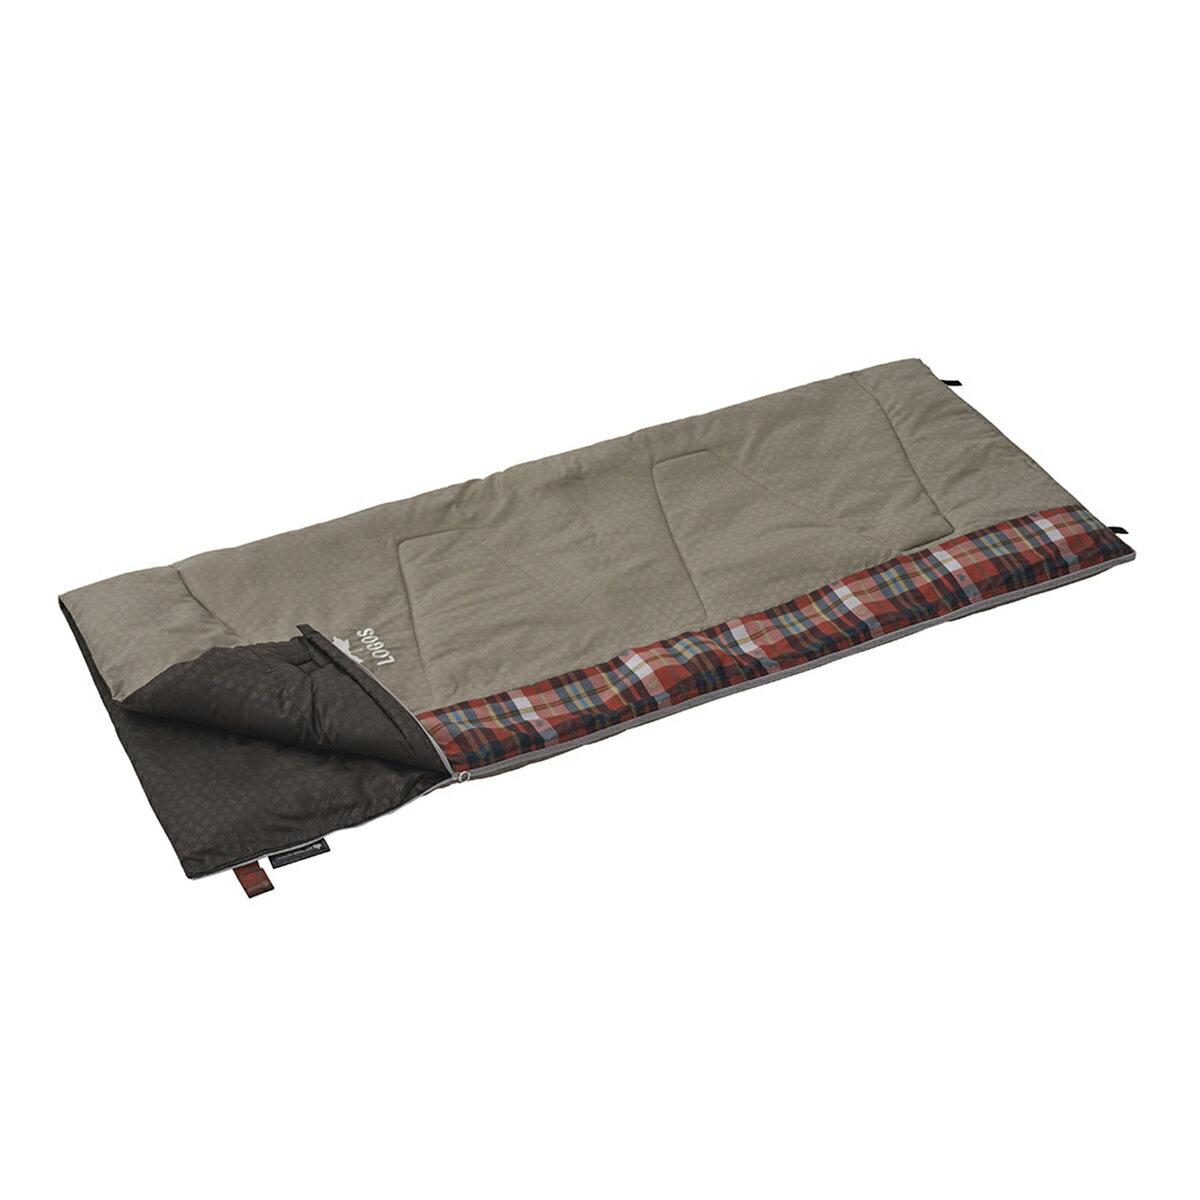 OUTDOOR LOGOS(ロゴス) 丸洗いスランバーシュラフ・2 72602010シュラフ 寝袋 アウトドア用寝具 封筒型 封筒スリーシーズン アウトドアギア